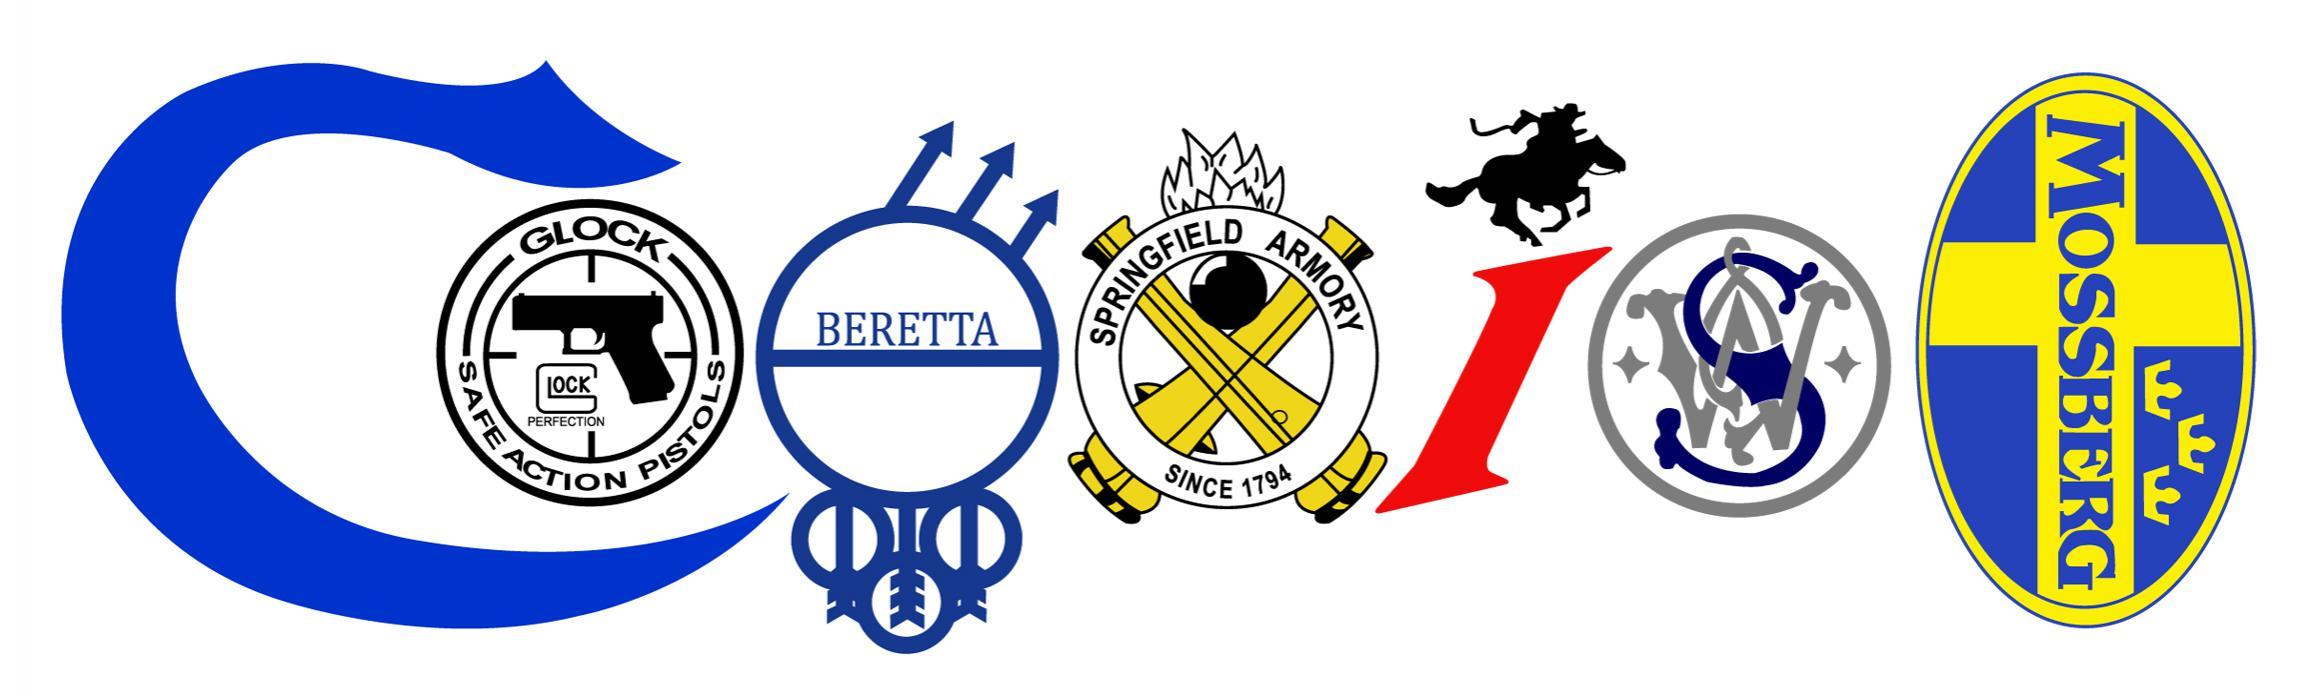 Coexist-Gun-Logo